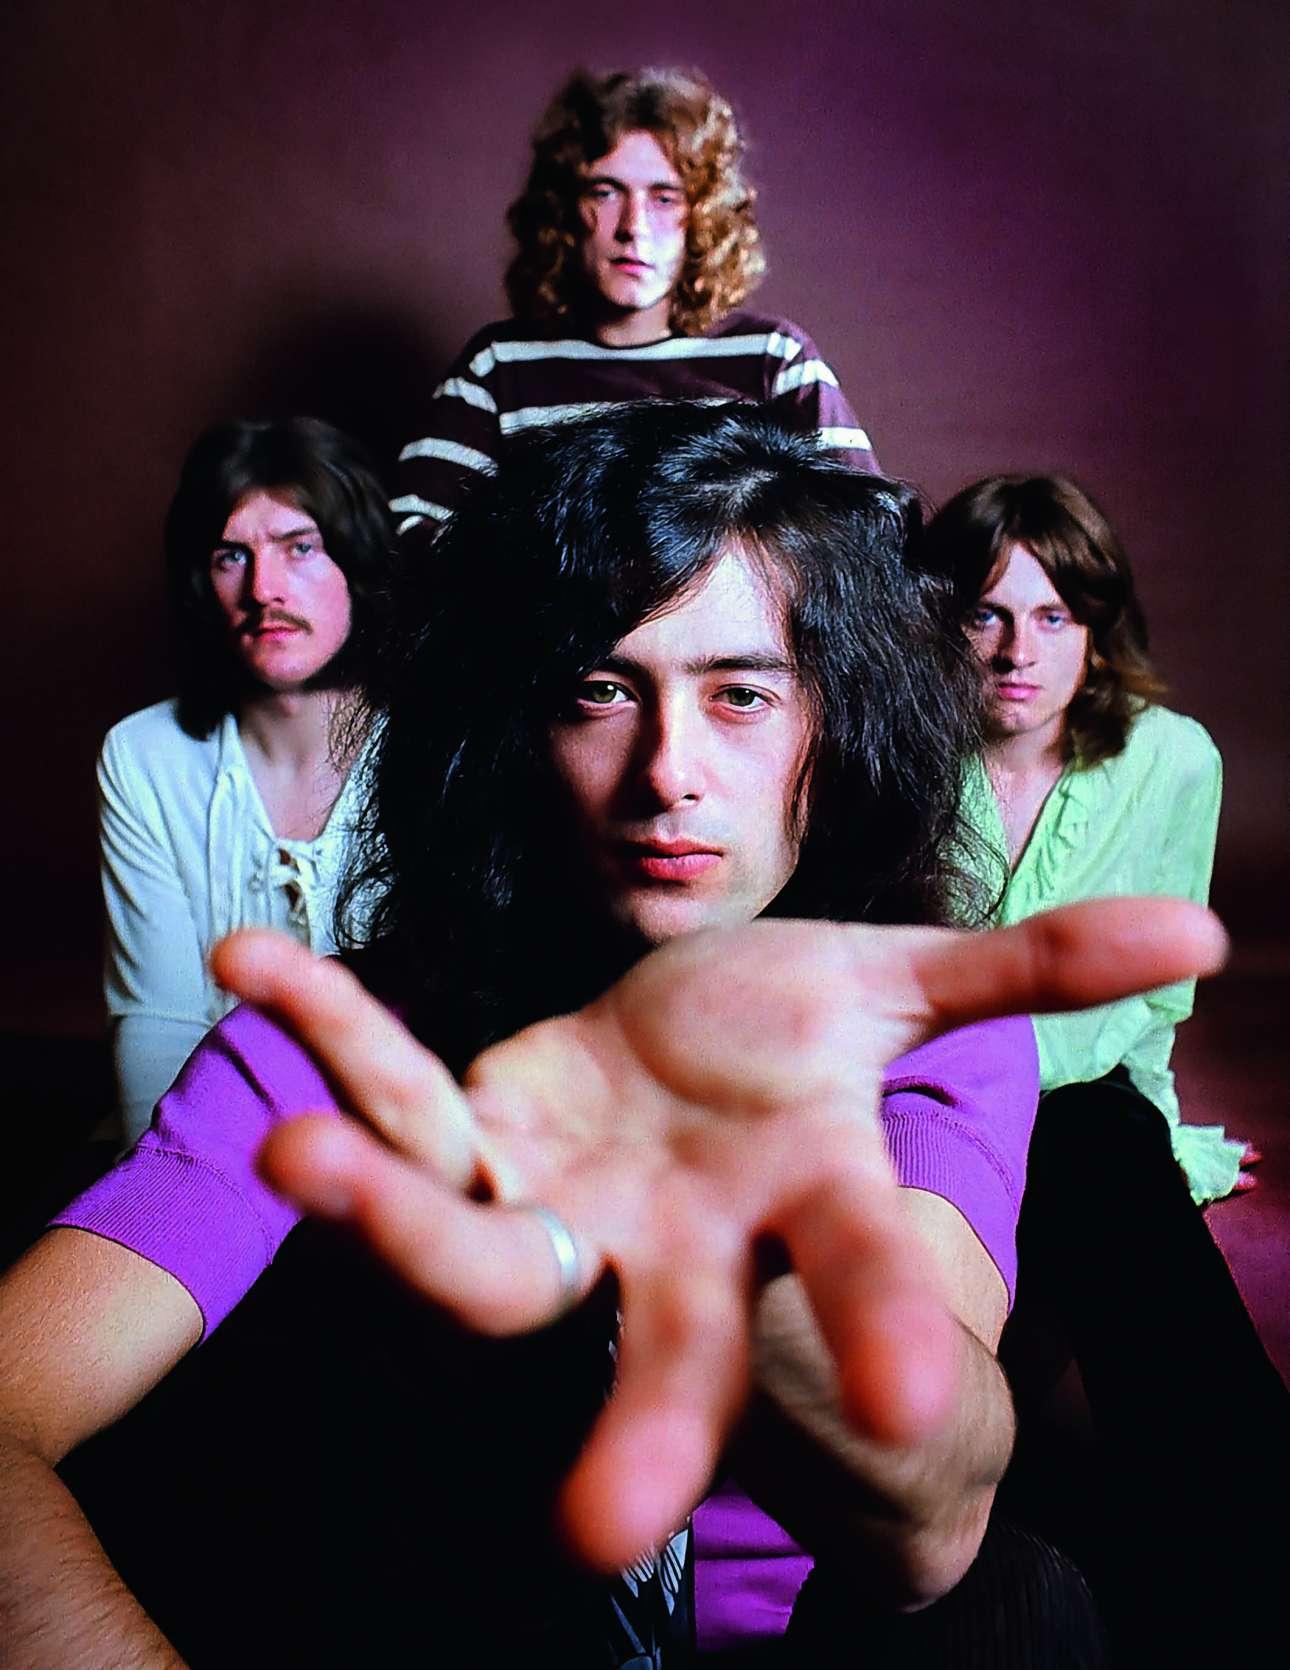 Οι Led Zeppelin ποζάρουν στον φακό του Ρον Ραφαέλι στο Λος Αντζελες, για το τουρ στις ΗΠΑ το 1969.  «Ενας υπέροχος φωτογράφος. Μου άρεσε πολύ, πάρα πολύ. Θέλεις να μοιάζεις τόσο δυνατός και παθιασμένος όσο η μουσική που παίζεις» λέει ο Τζίμι Πέιτζ